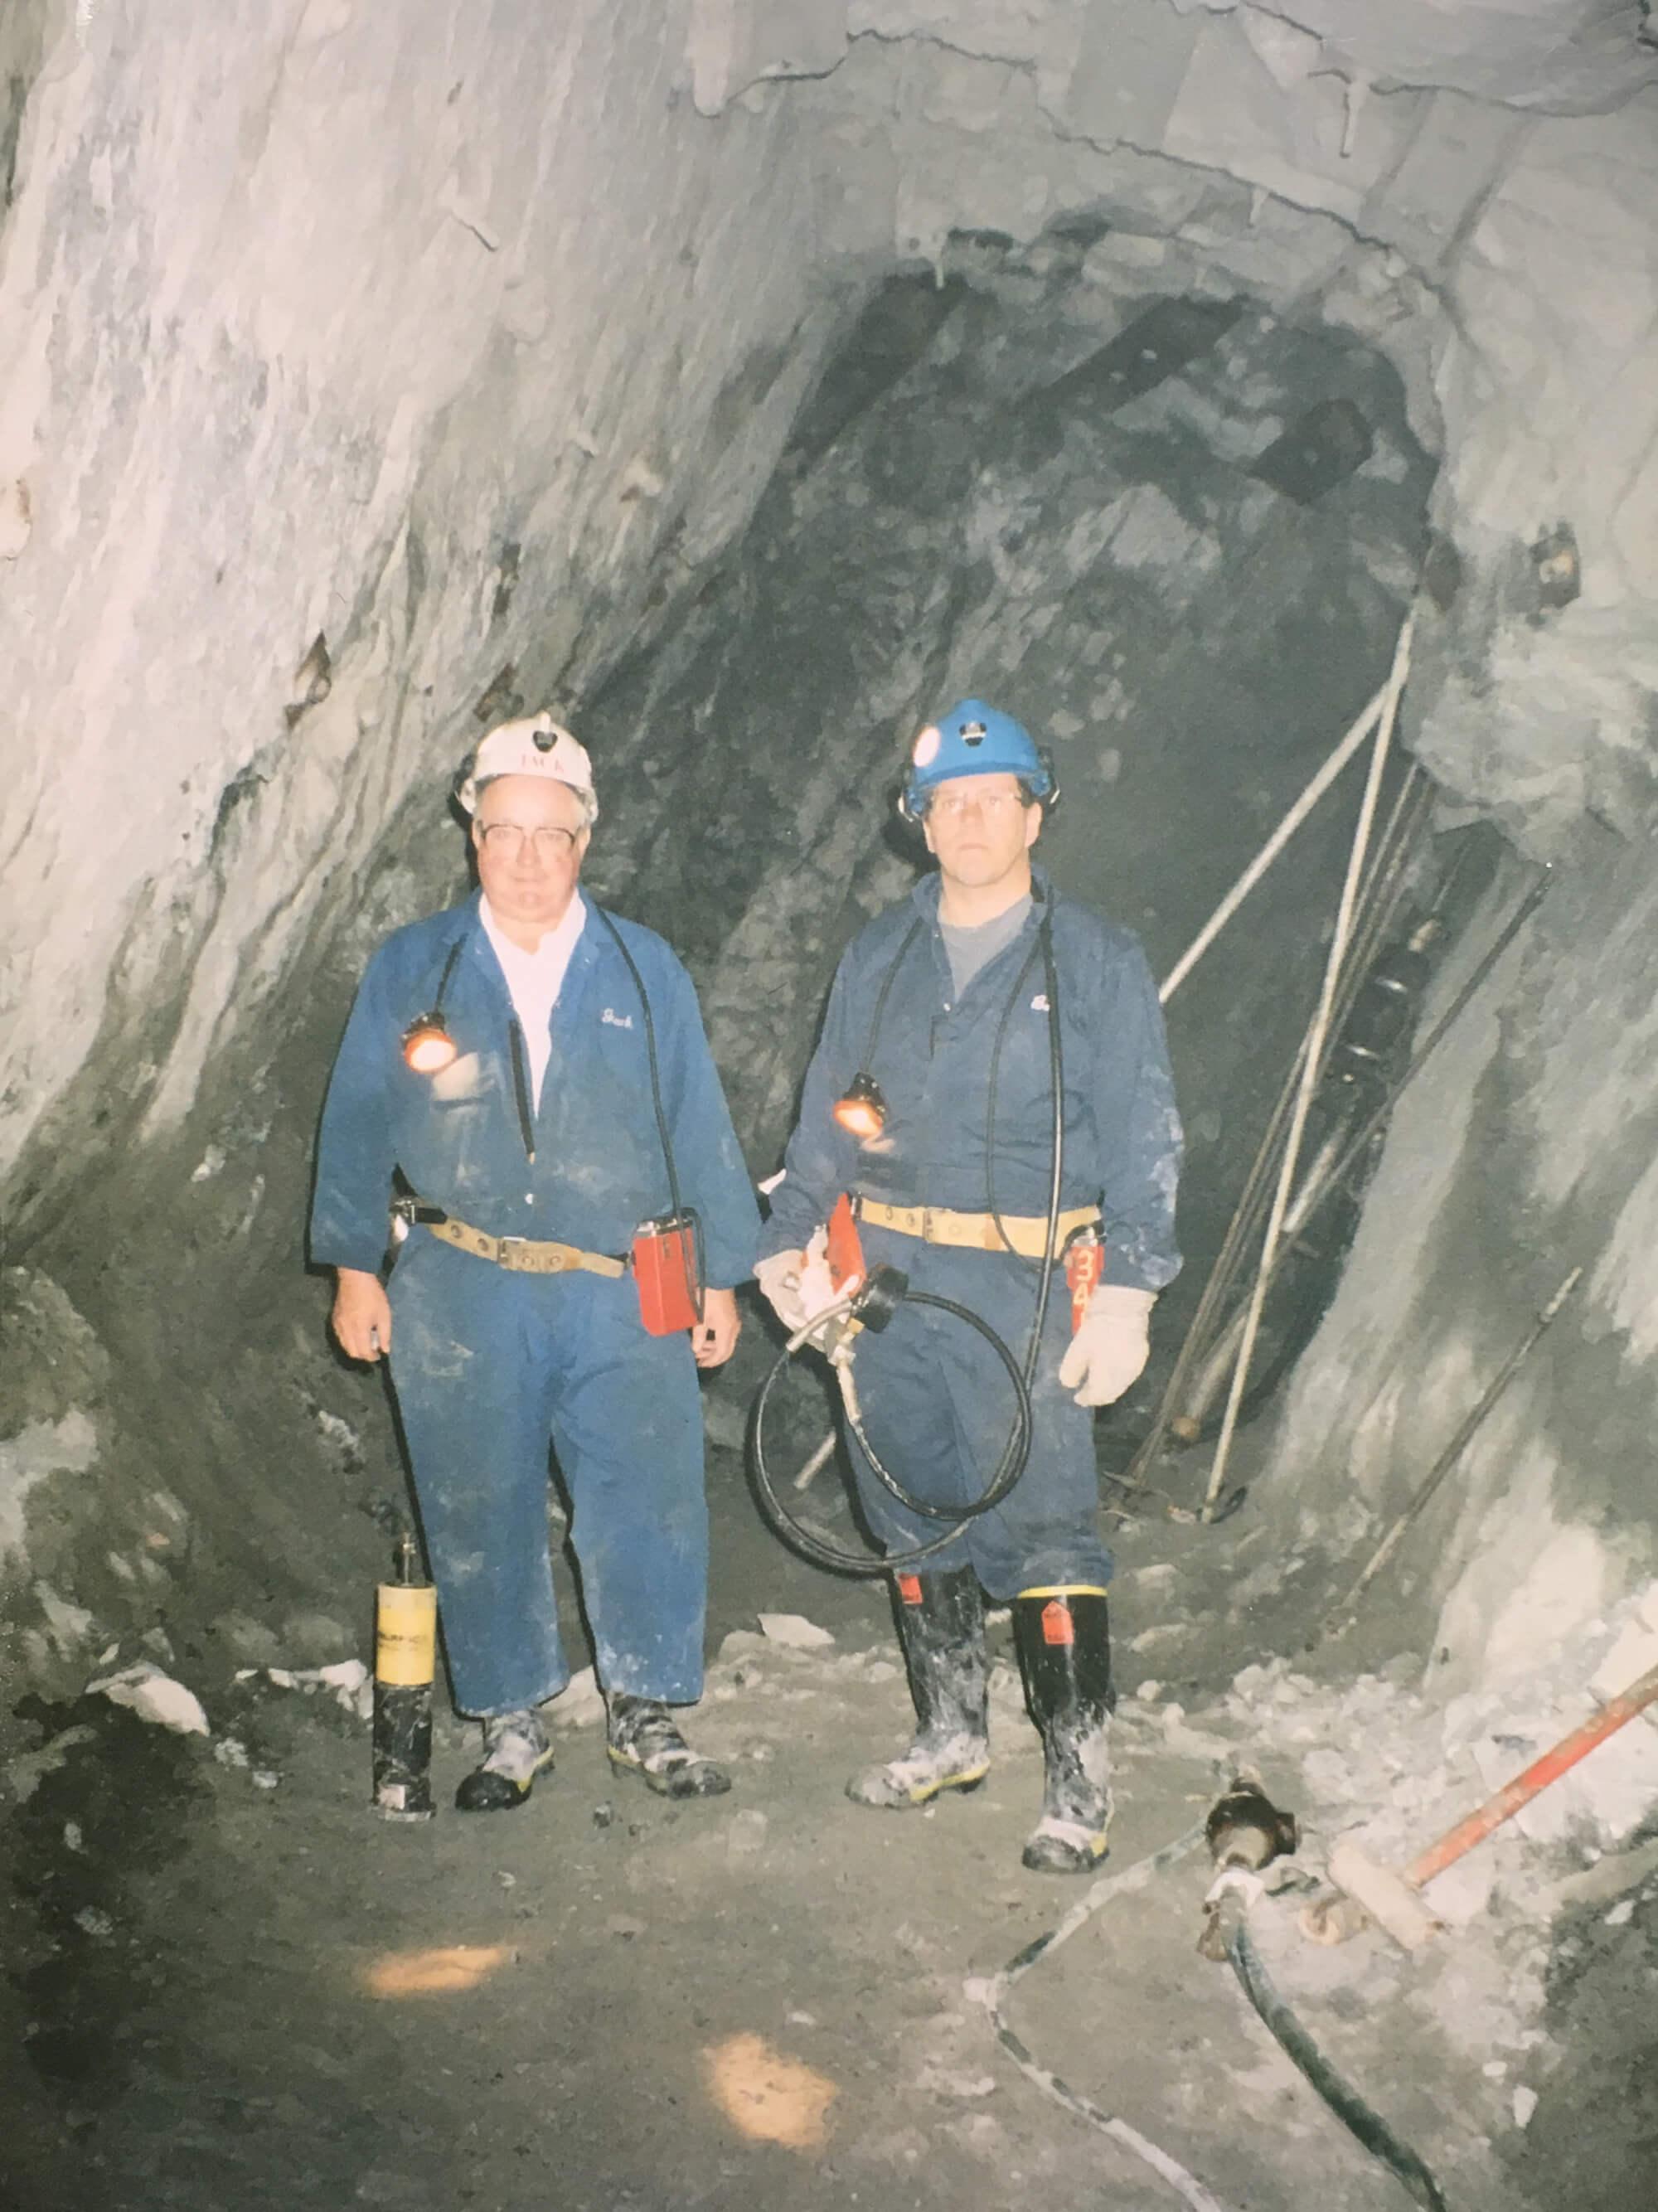 Champ and Merrick Underground